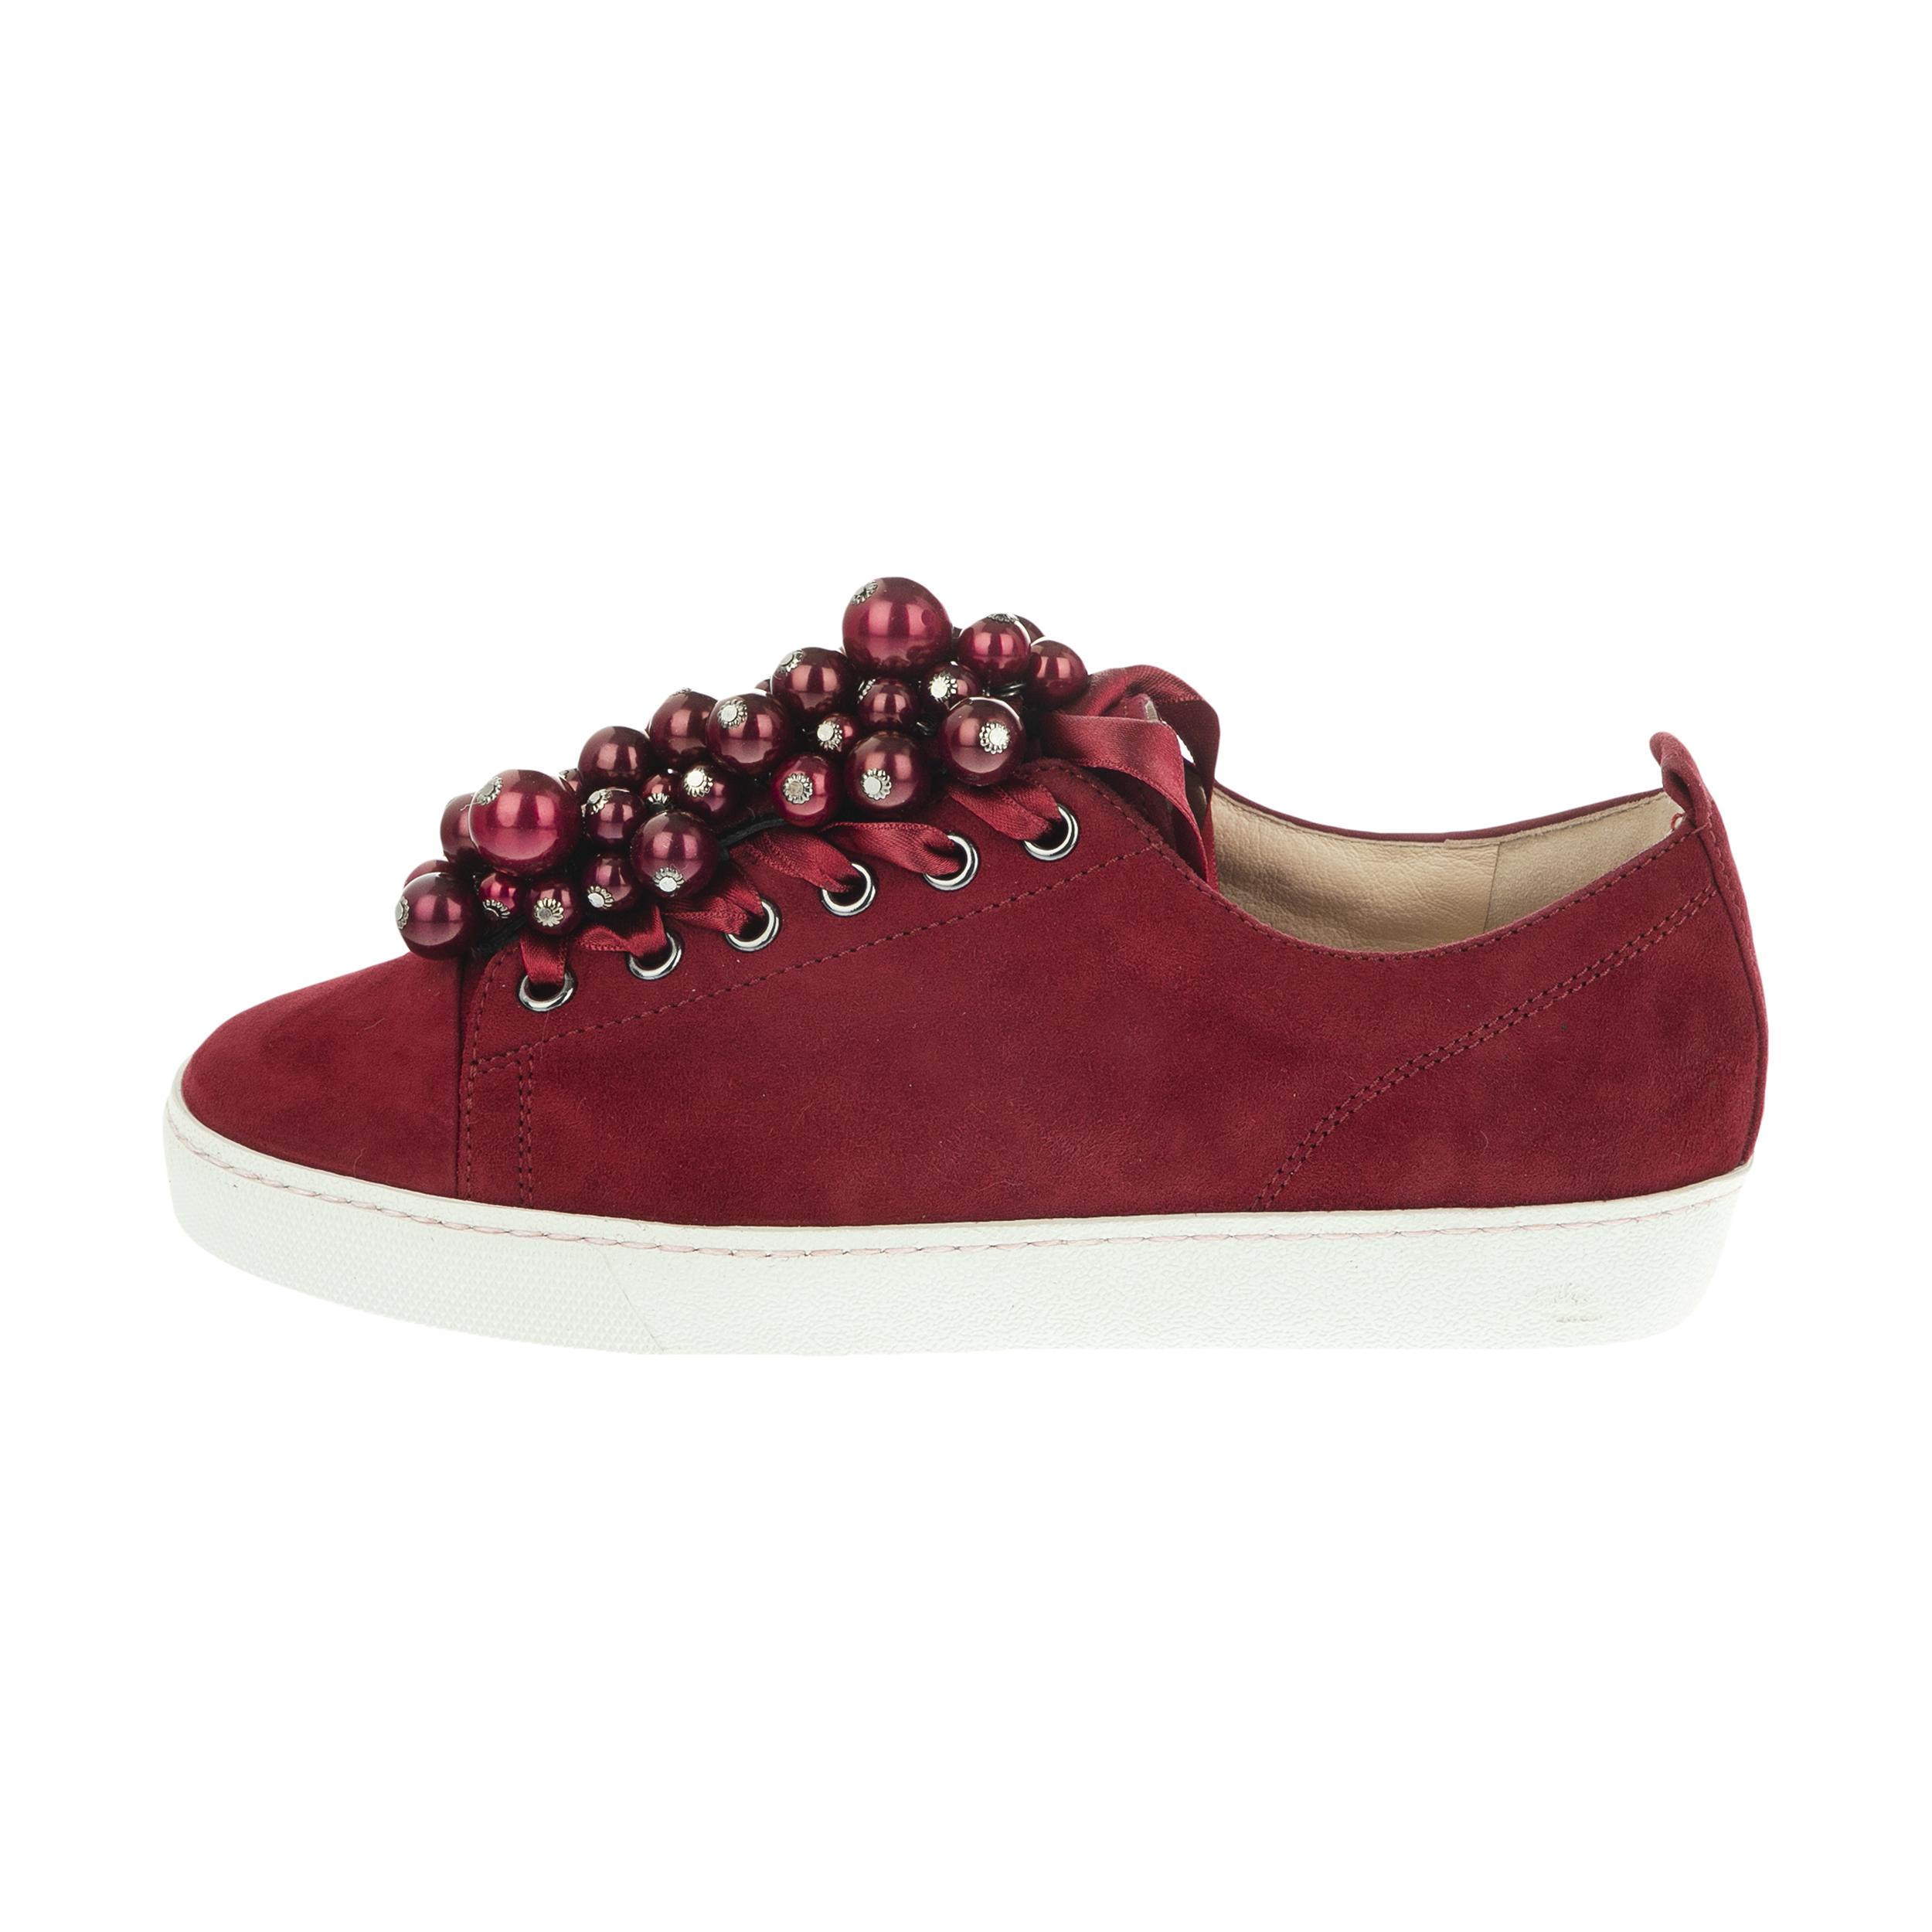 کفش روزمره زنانه هوگل مدل 4-100372-8300